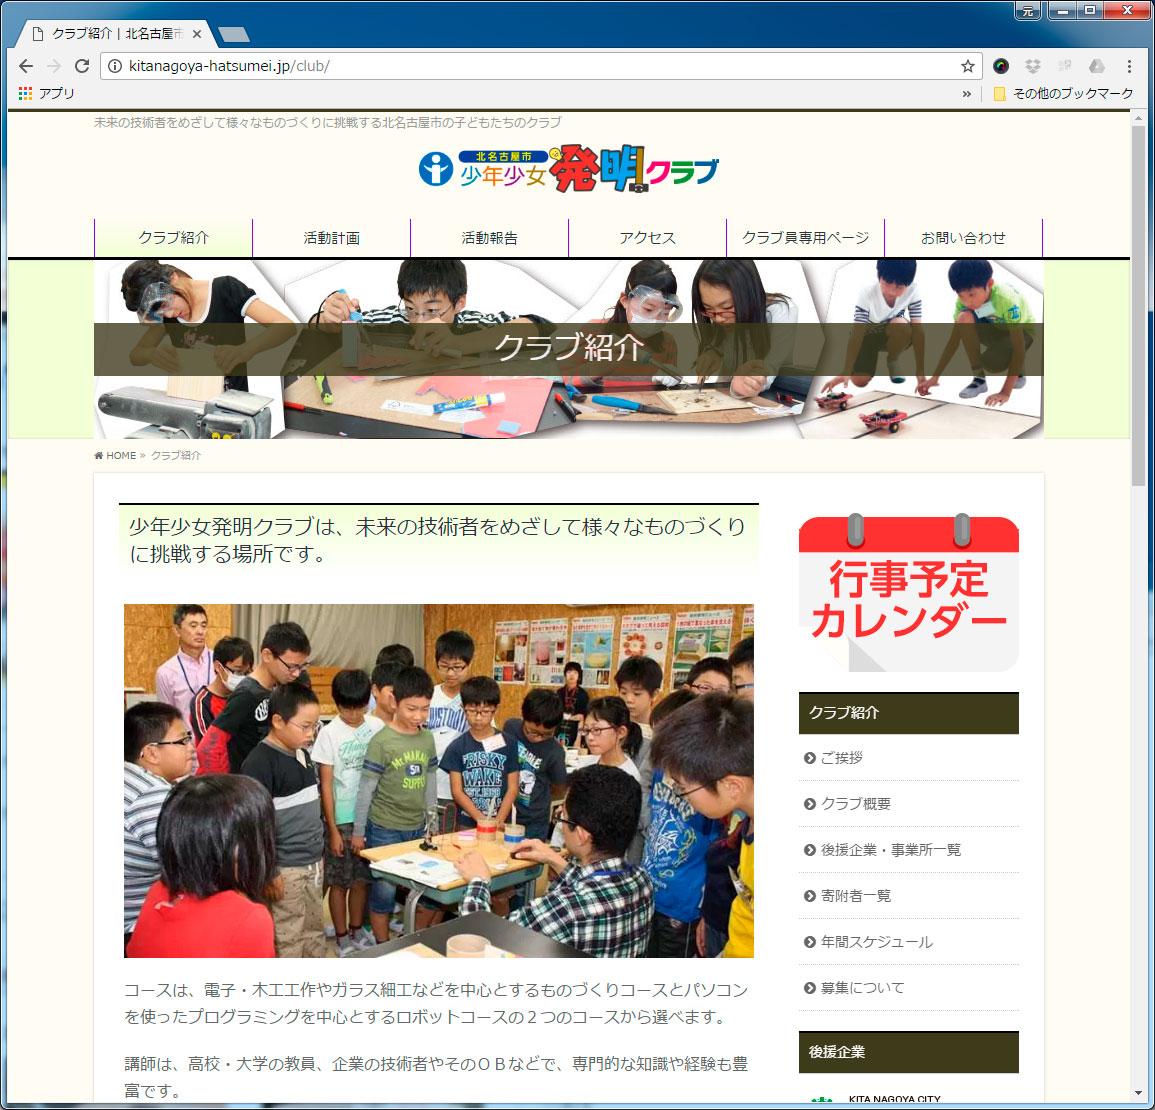 北名古屋市少年少女発明クラブ ホームページ制作のお手伝い